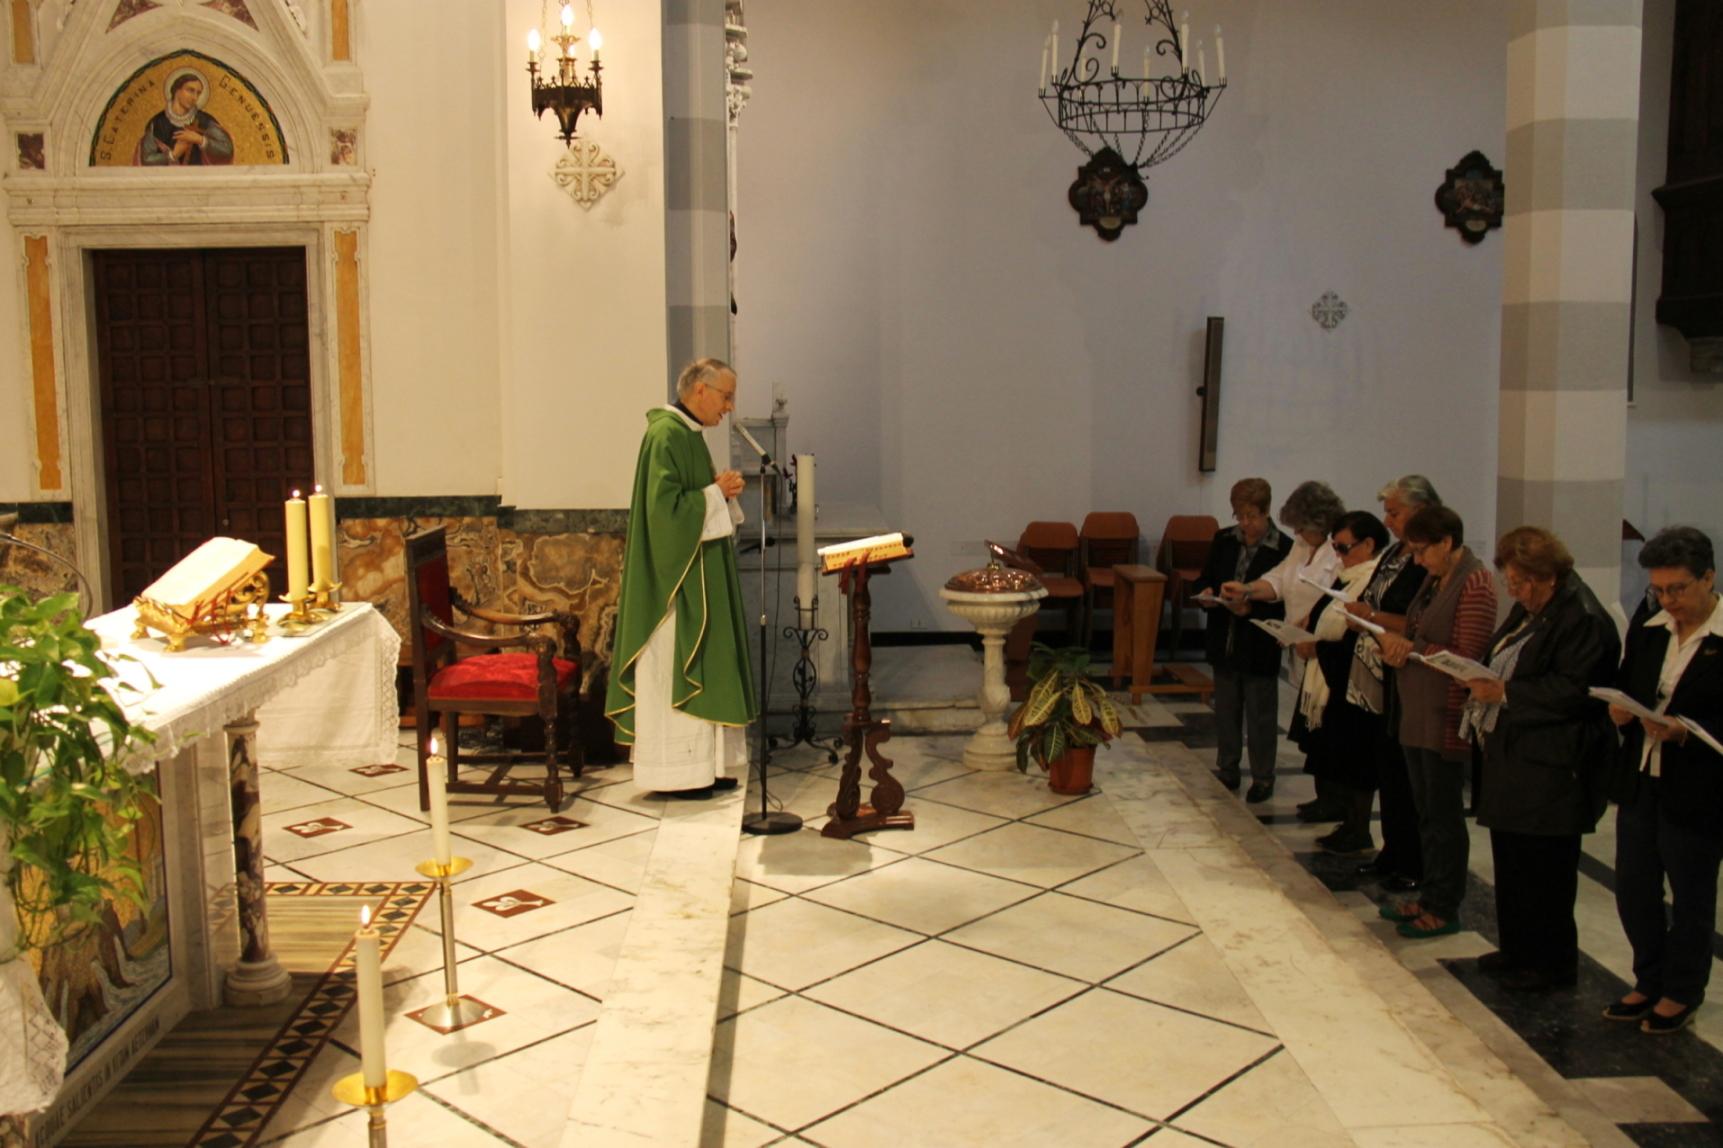 inaugurazione_anno_catechistico_e_anno_della_fede_2012-10-07-11-29-02